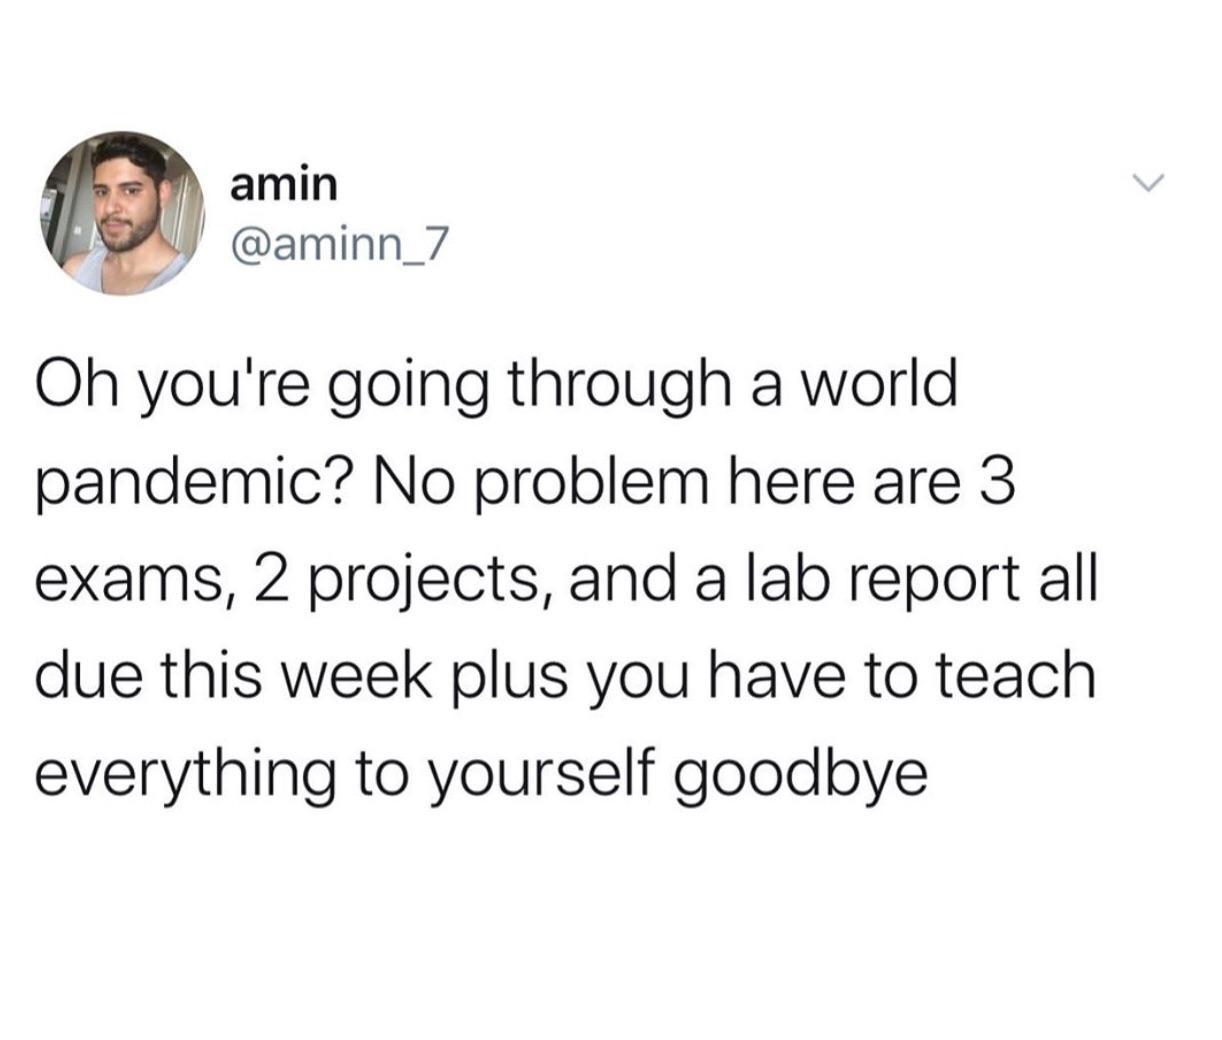 Quarantine Memes - Online Classes